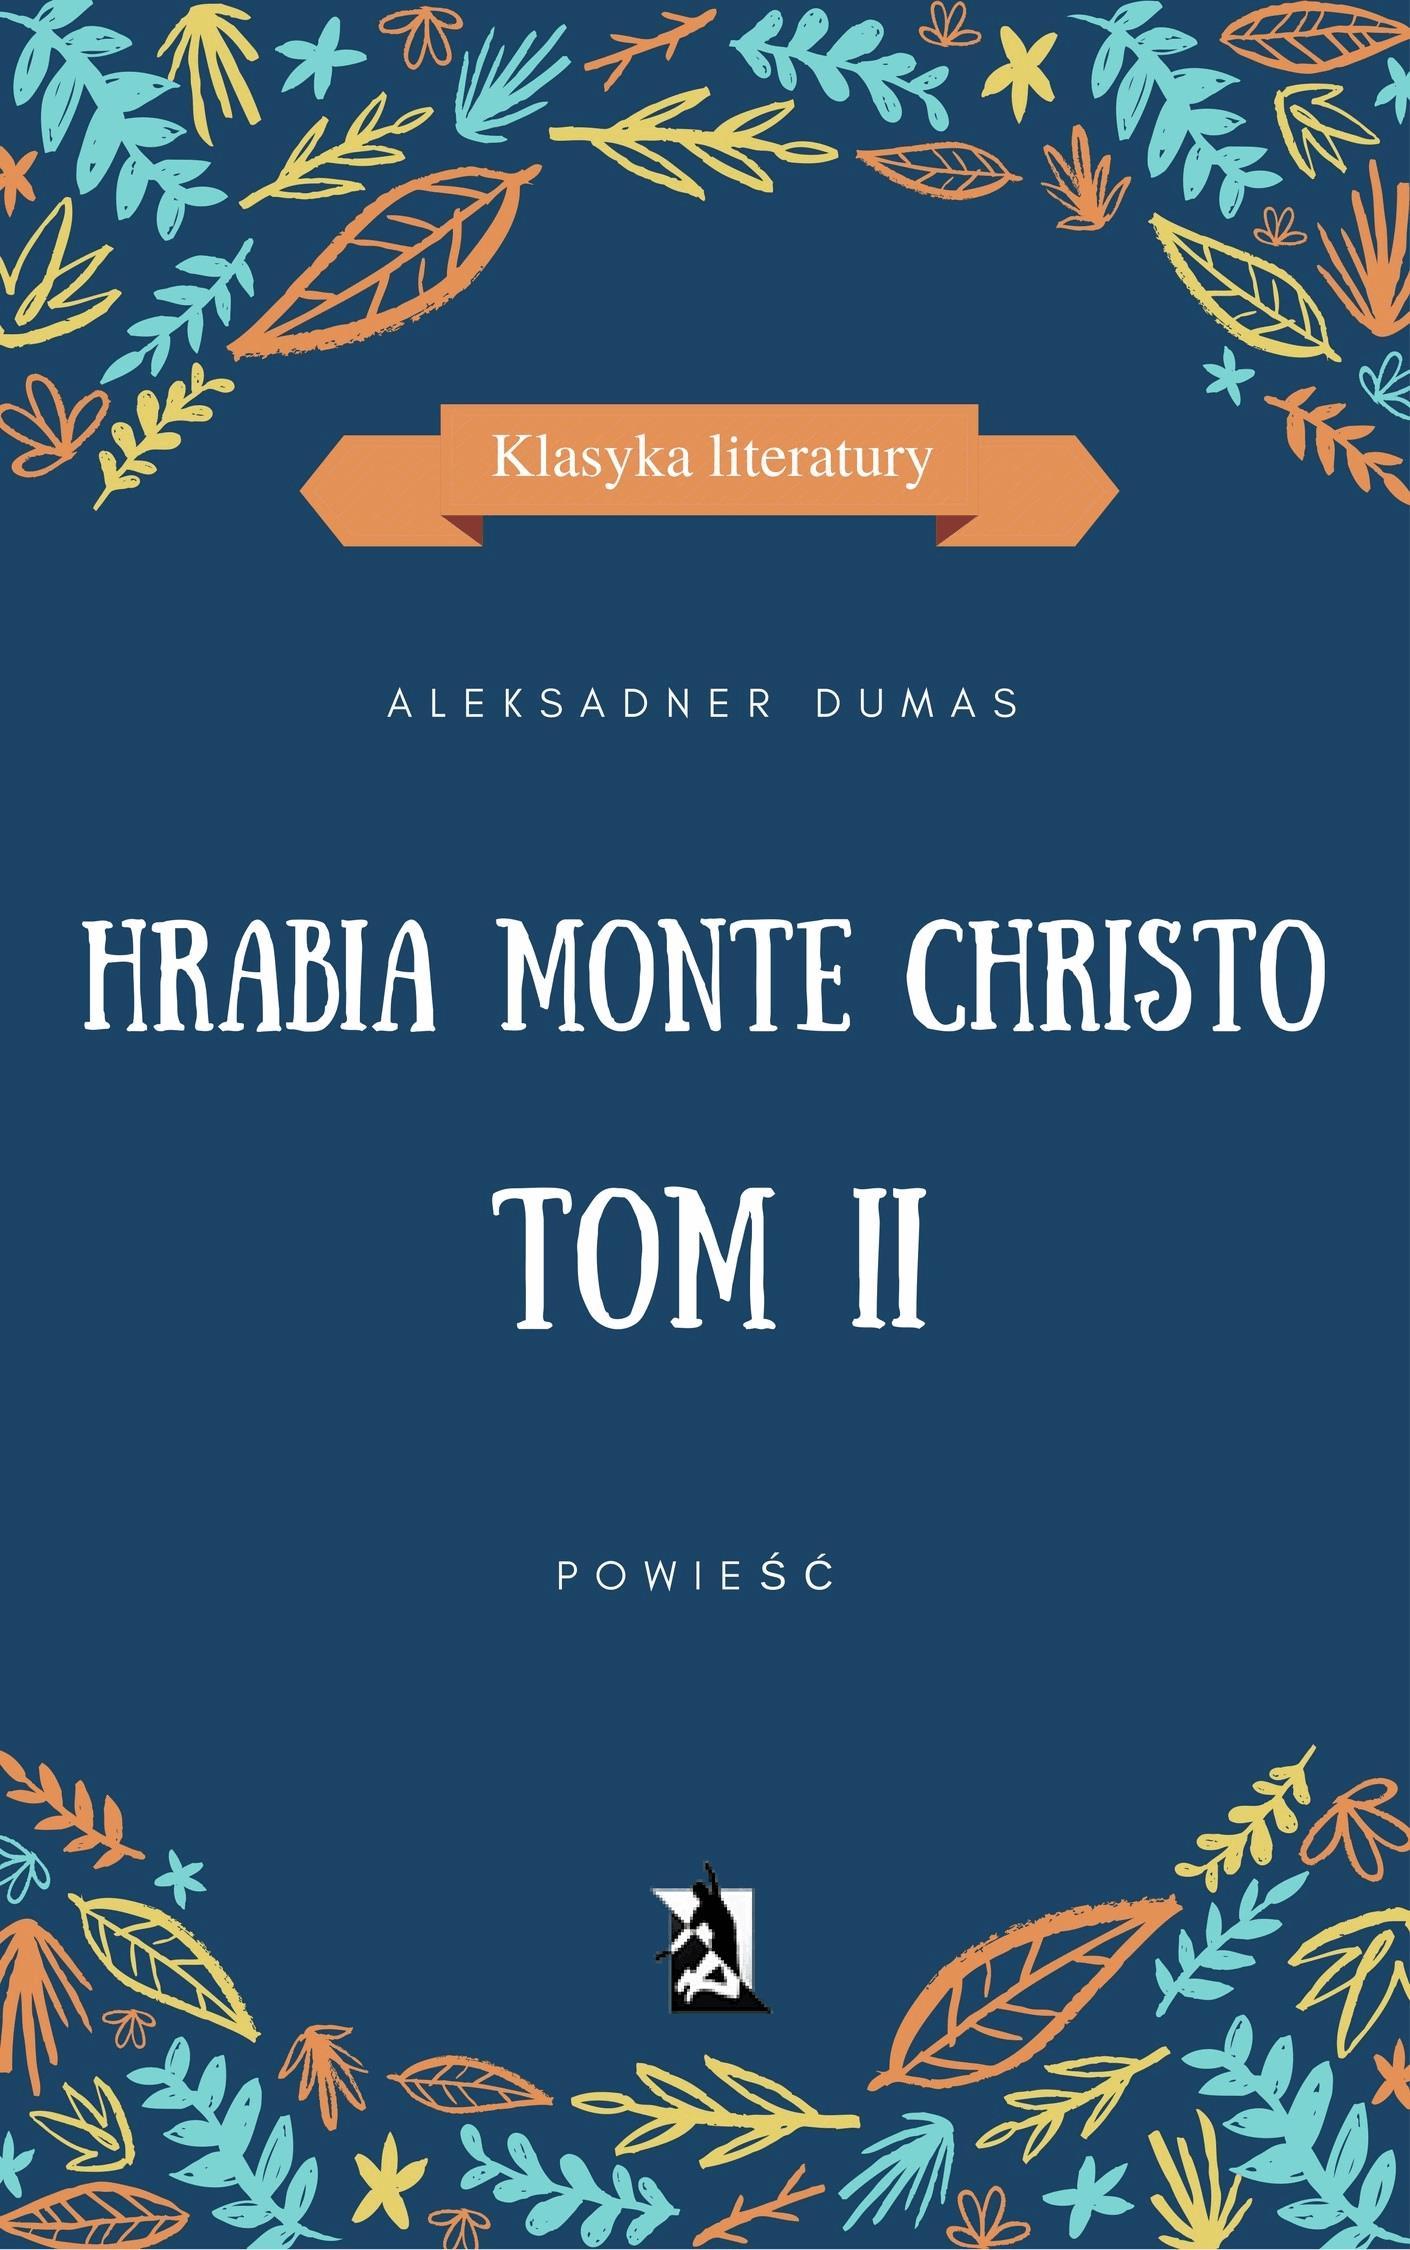 Hrabia Monte Christo. Tom II - Tylko w Legimi możesz przeczytać ten tytuł przez 7 dni za darmo. - Aleksander Dumas